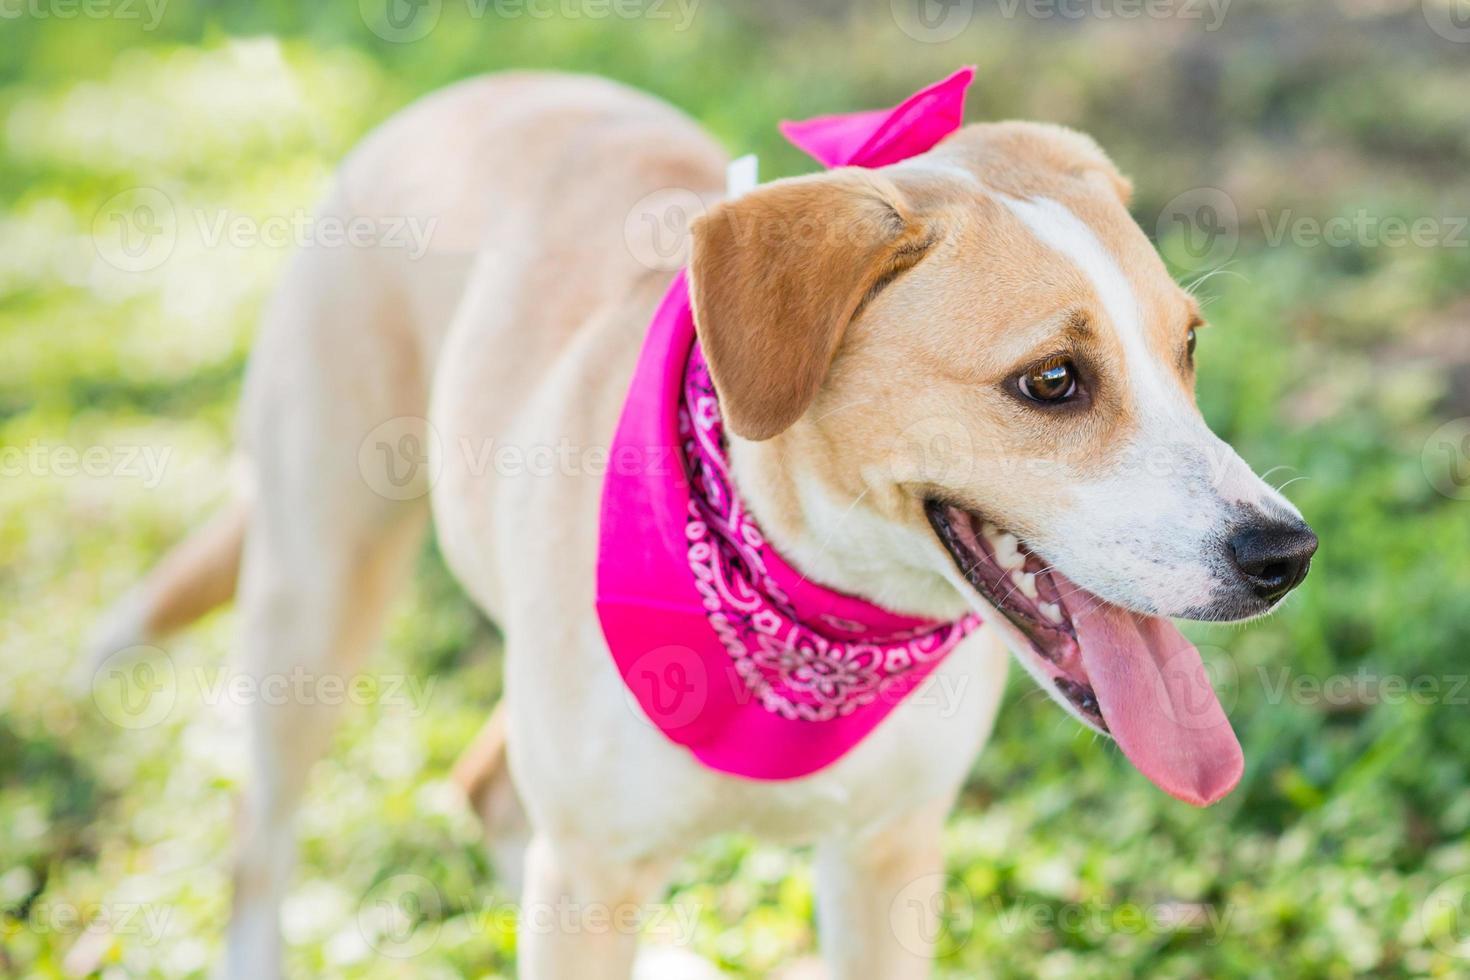 bronceado y perro blanco de pie en la hierba foto